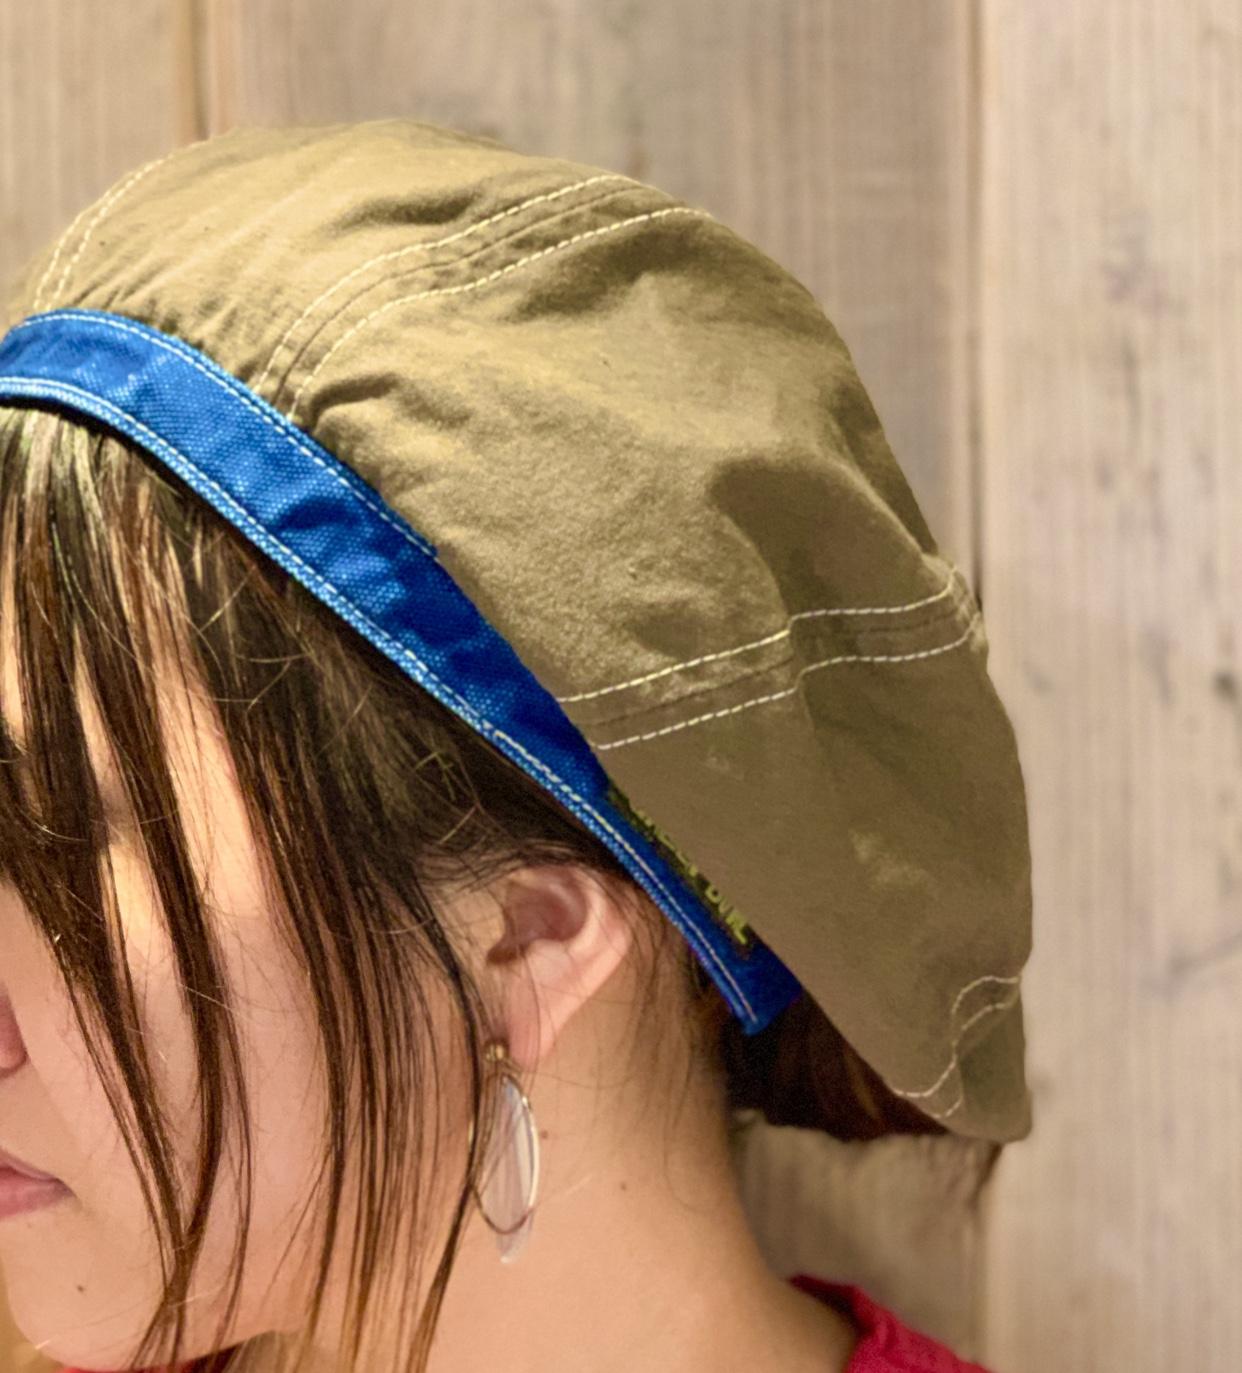 ベレー帽がオススメですよ◉